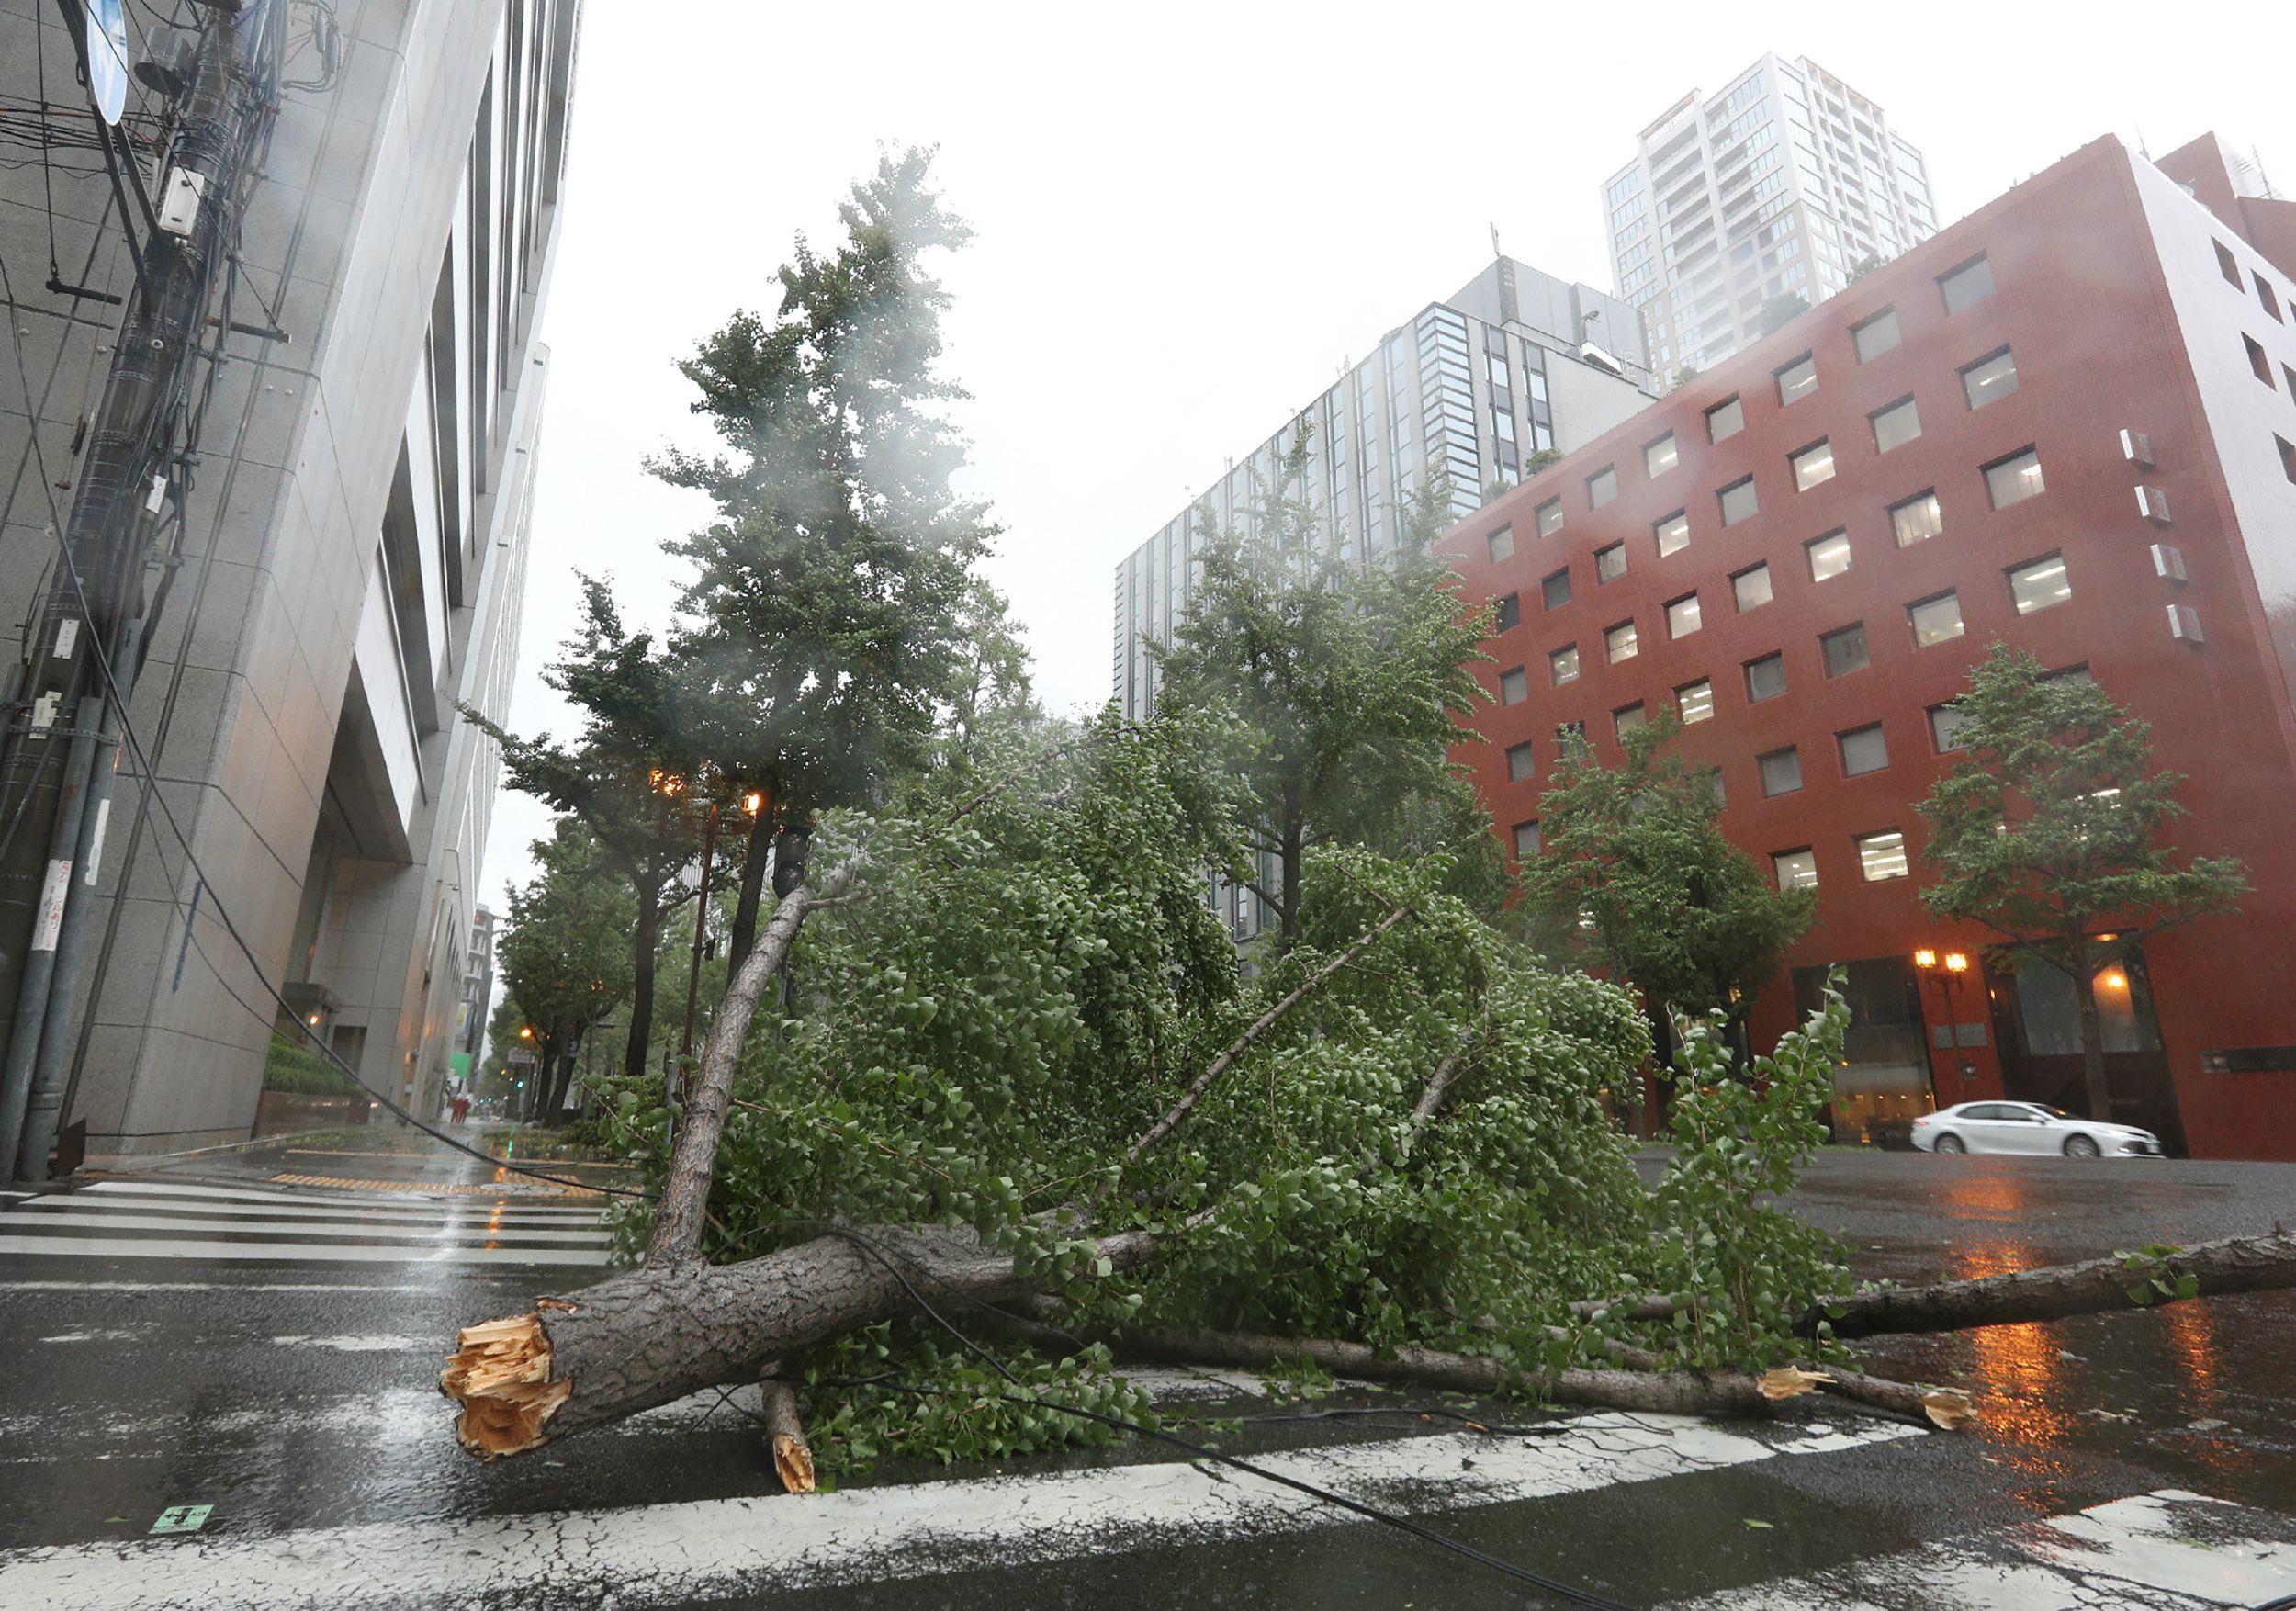 شجرة اقتلعتها الرياح القوية قبل الإعصار